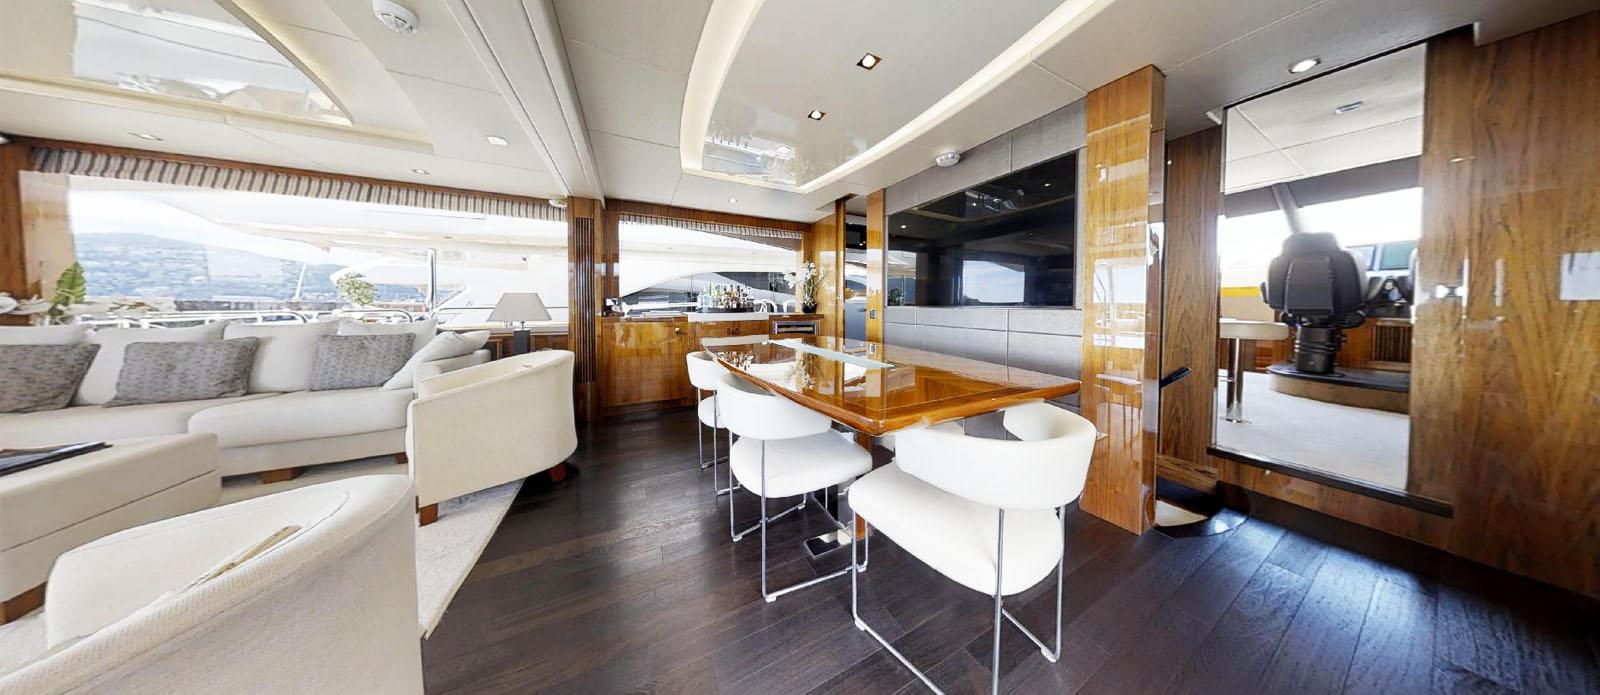 Sunseeker-86-Yacht-MiBowt-Dining